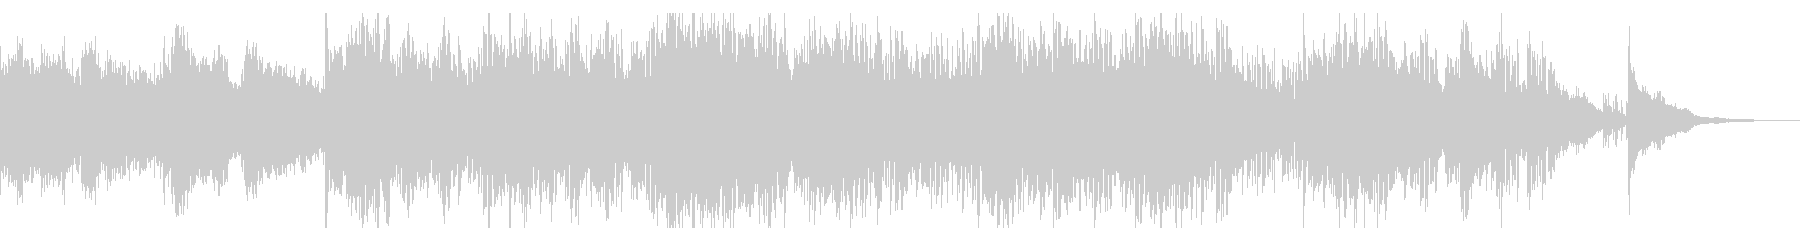 エレクトリックなグリッジアンビエントの未再生の波形